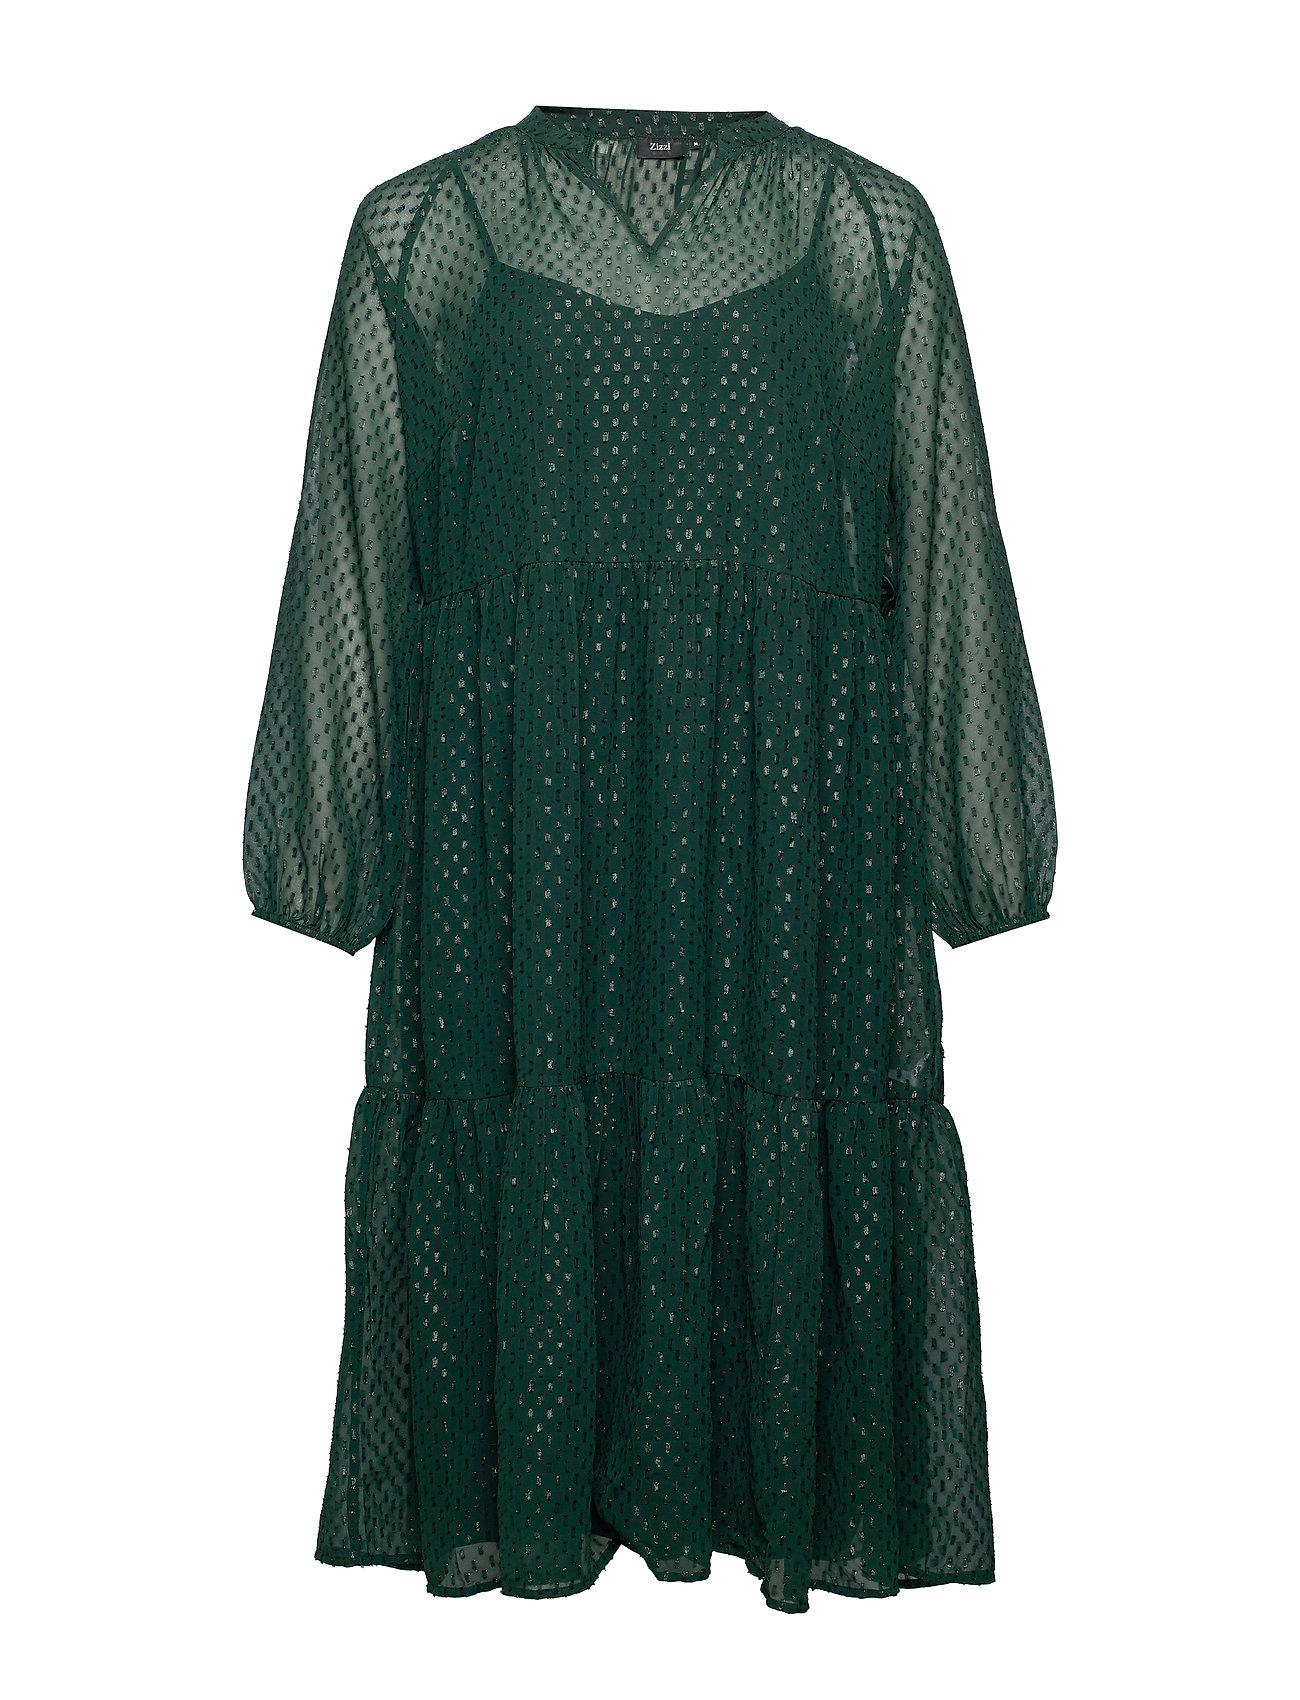 Zizzi XDRIA, L/S , DRESS - DARK GREEN